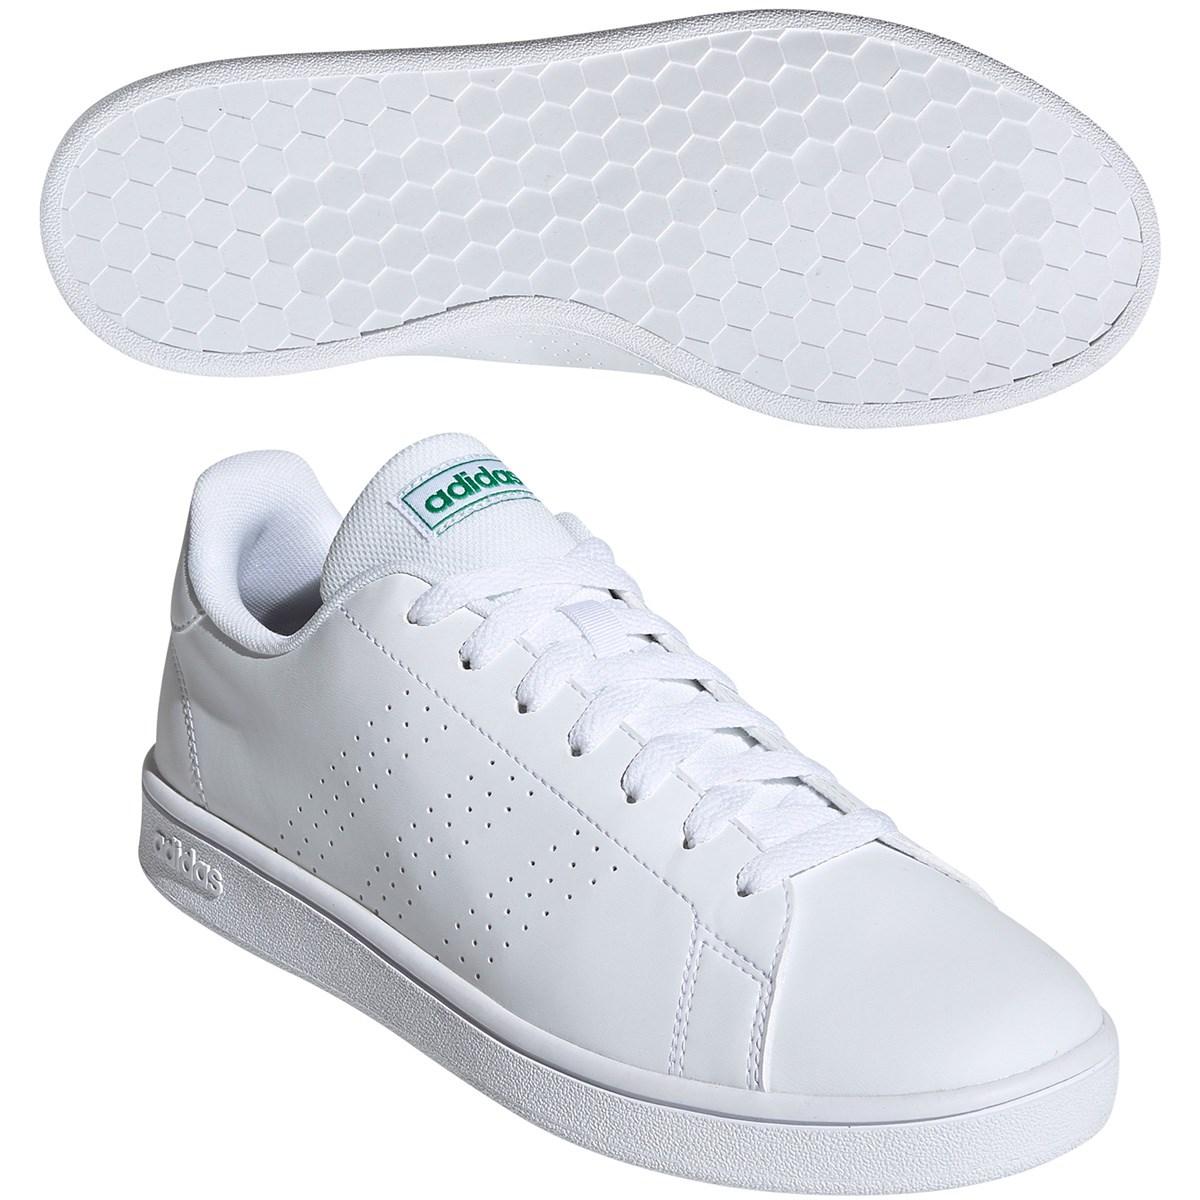 アディダス(adidas) ADVANCOURT BASE シューズ